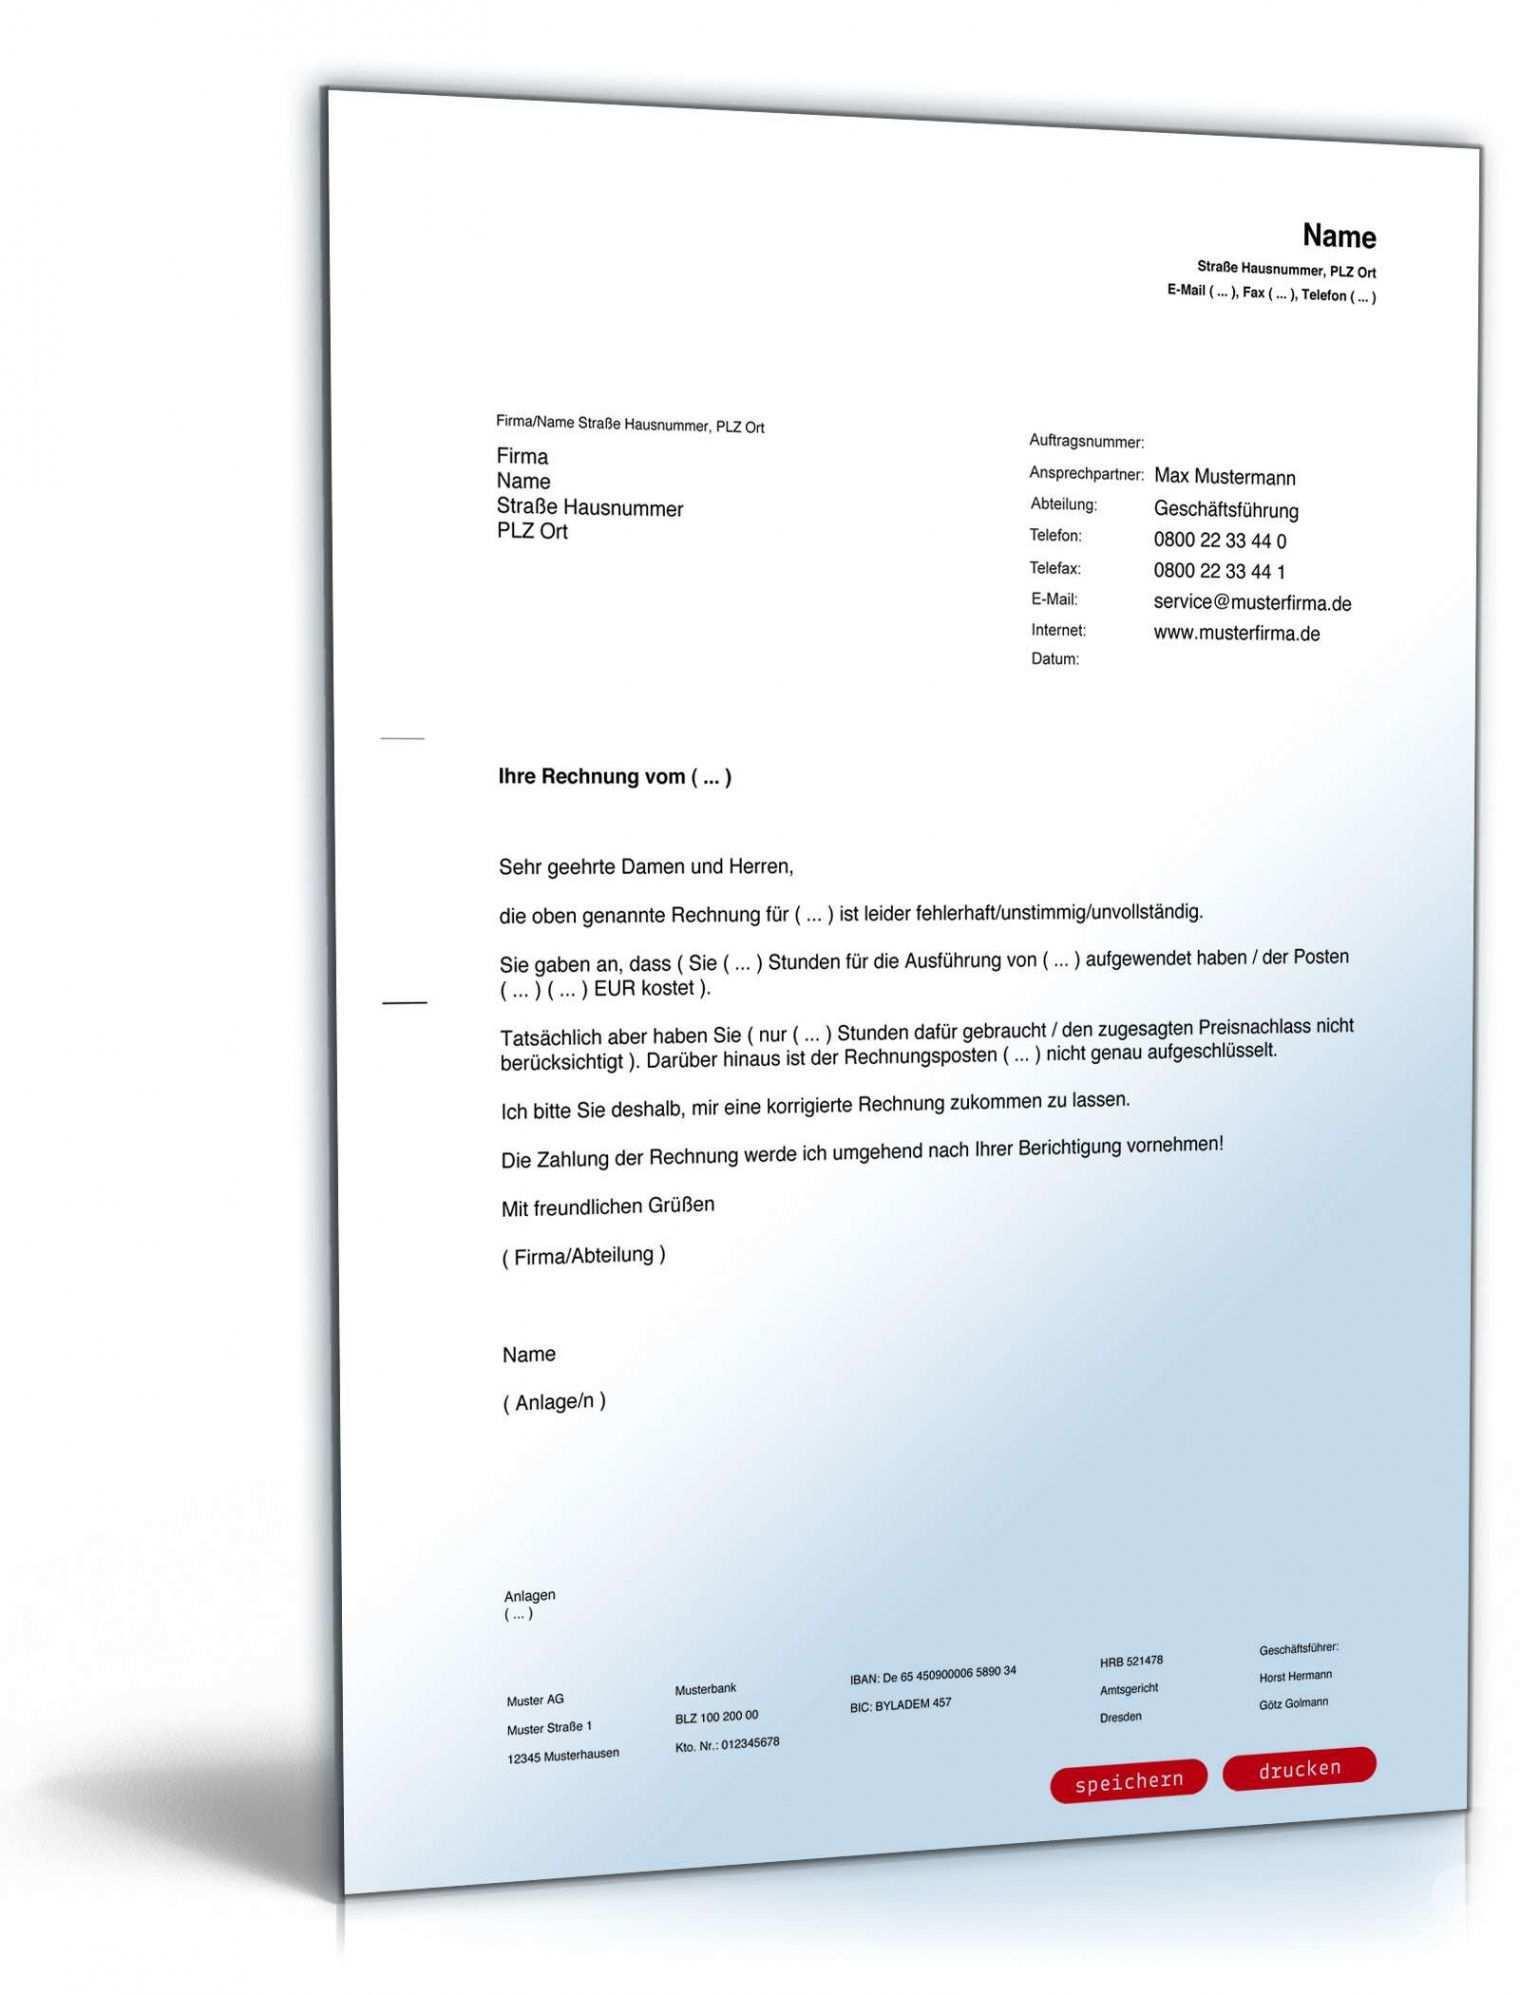 Blattern Unsere Druckbar Von Zuruckweisung Rechnung Vorlage Etikettenvorlagen Vorlagen Word Rechnung Vorlage